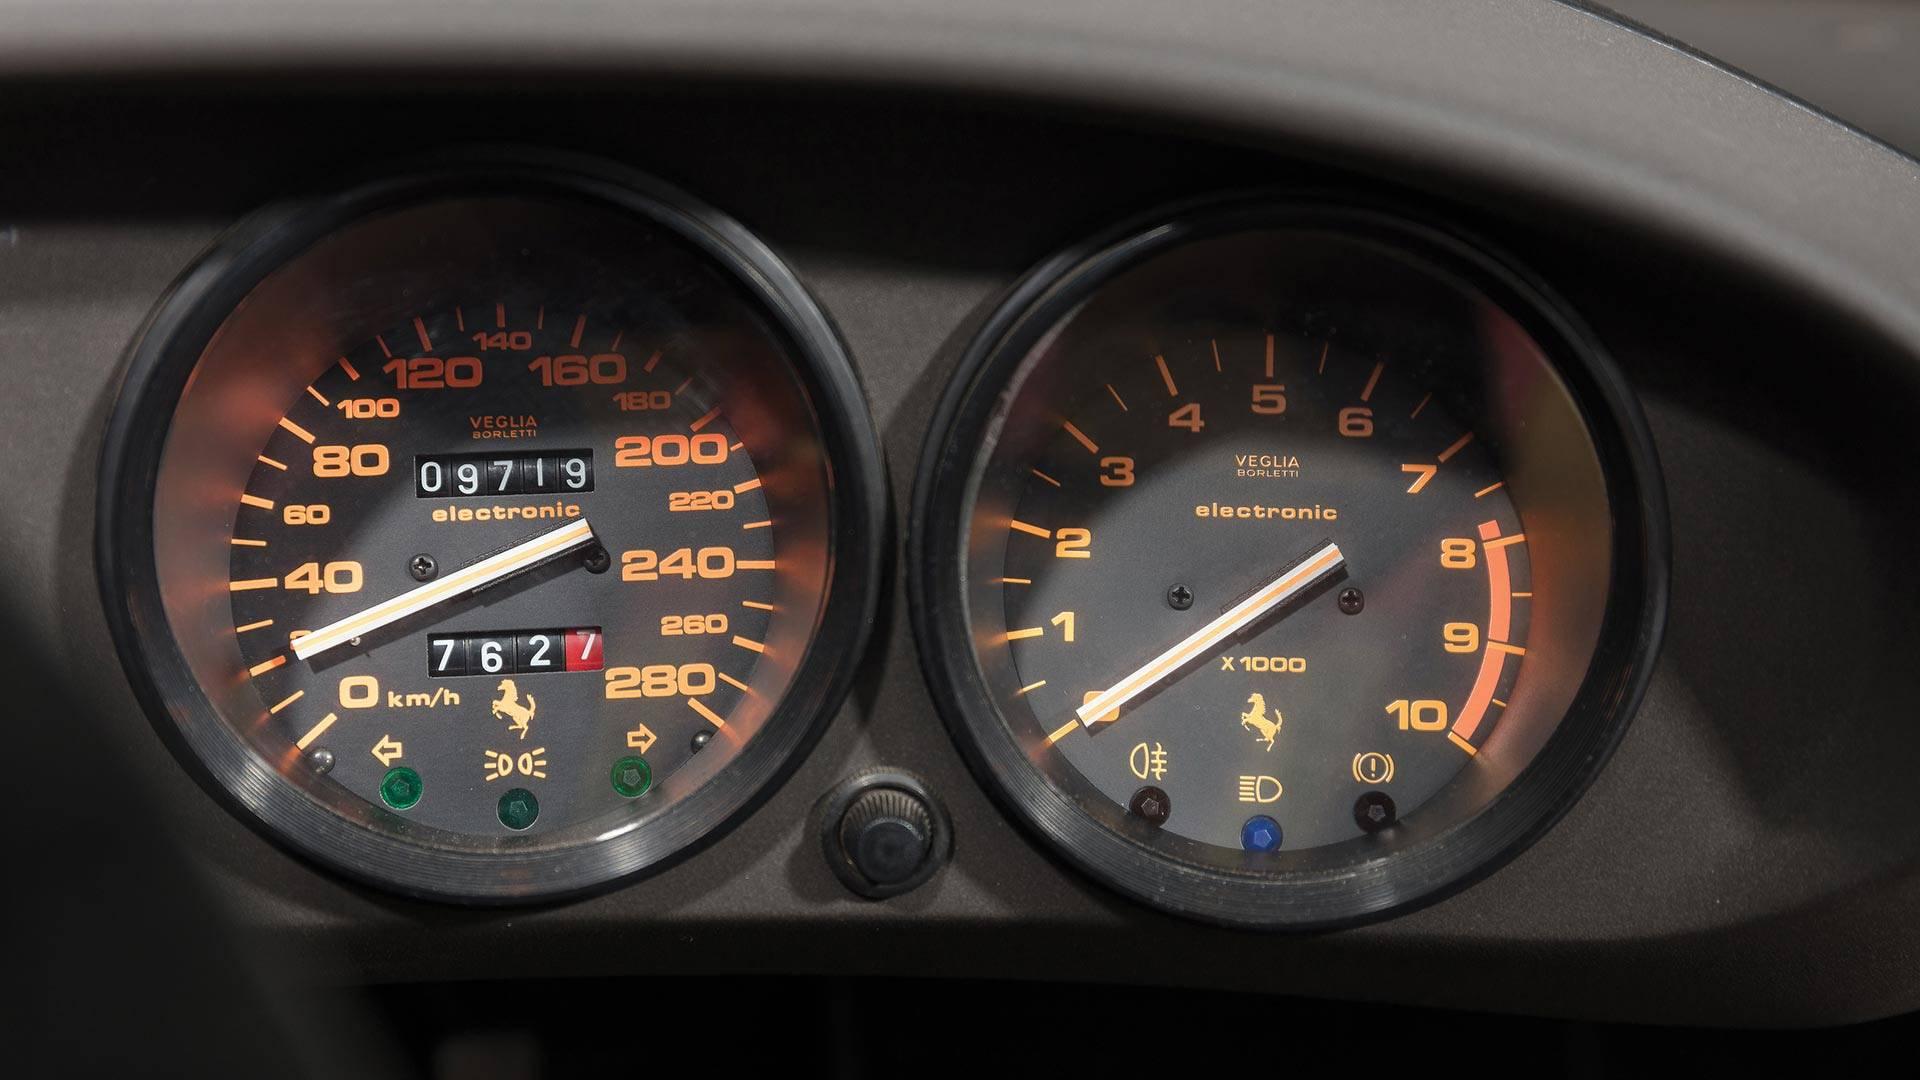 1989-ferrari-328-gts-conciso-concept-by-michalak (18)